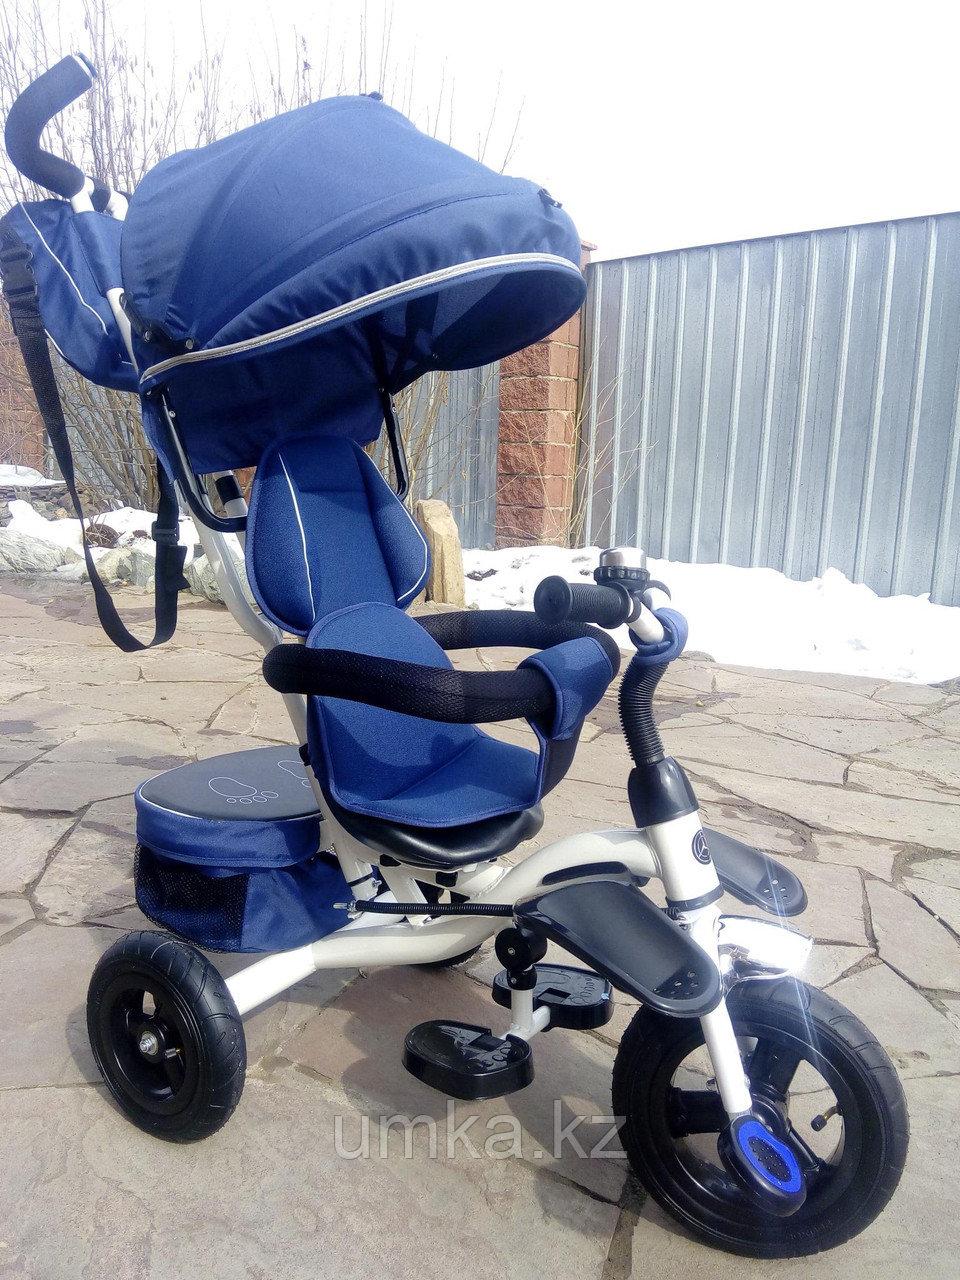 Детский трехколесный велосипед с поворотным сиденьем (6188)